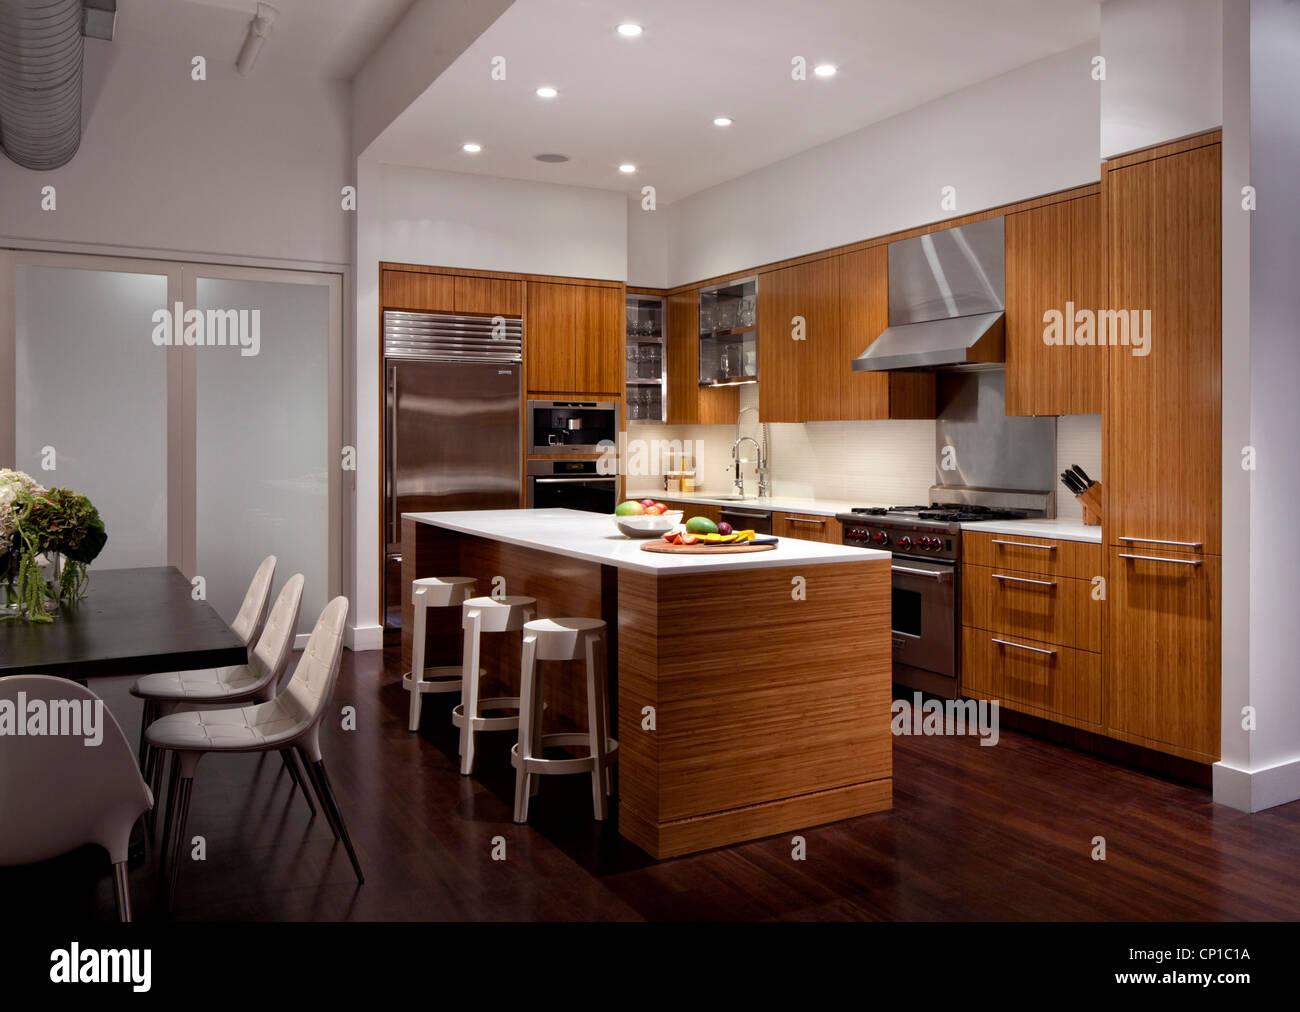 Bamboo Küche Und Esszimmer Bereich Mit Edelstahlgeräten, New York, USA.  Stockbild